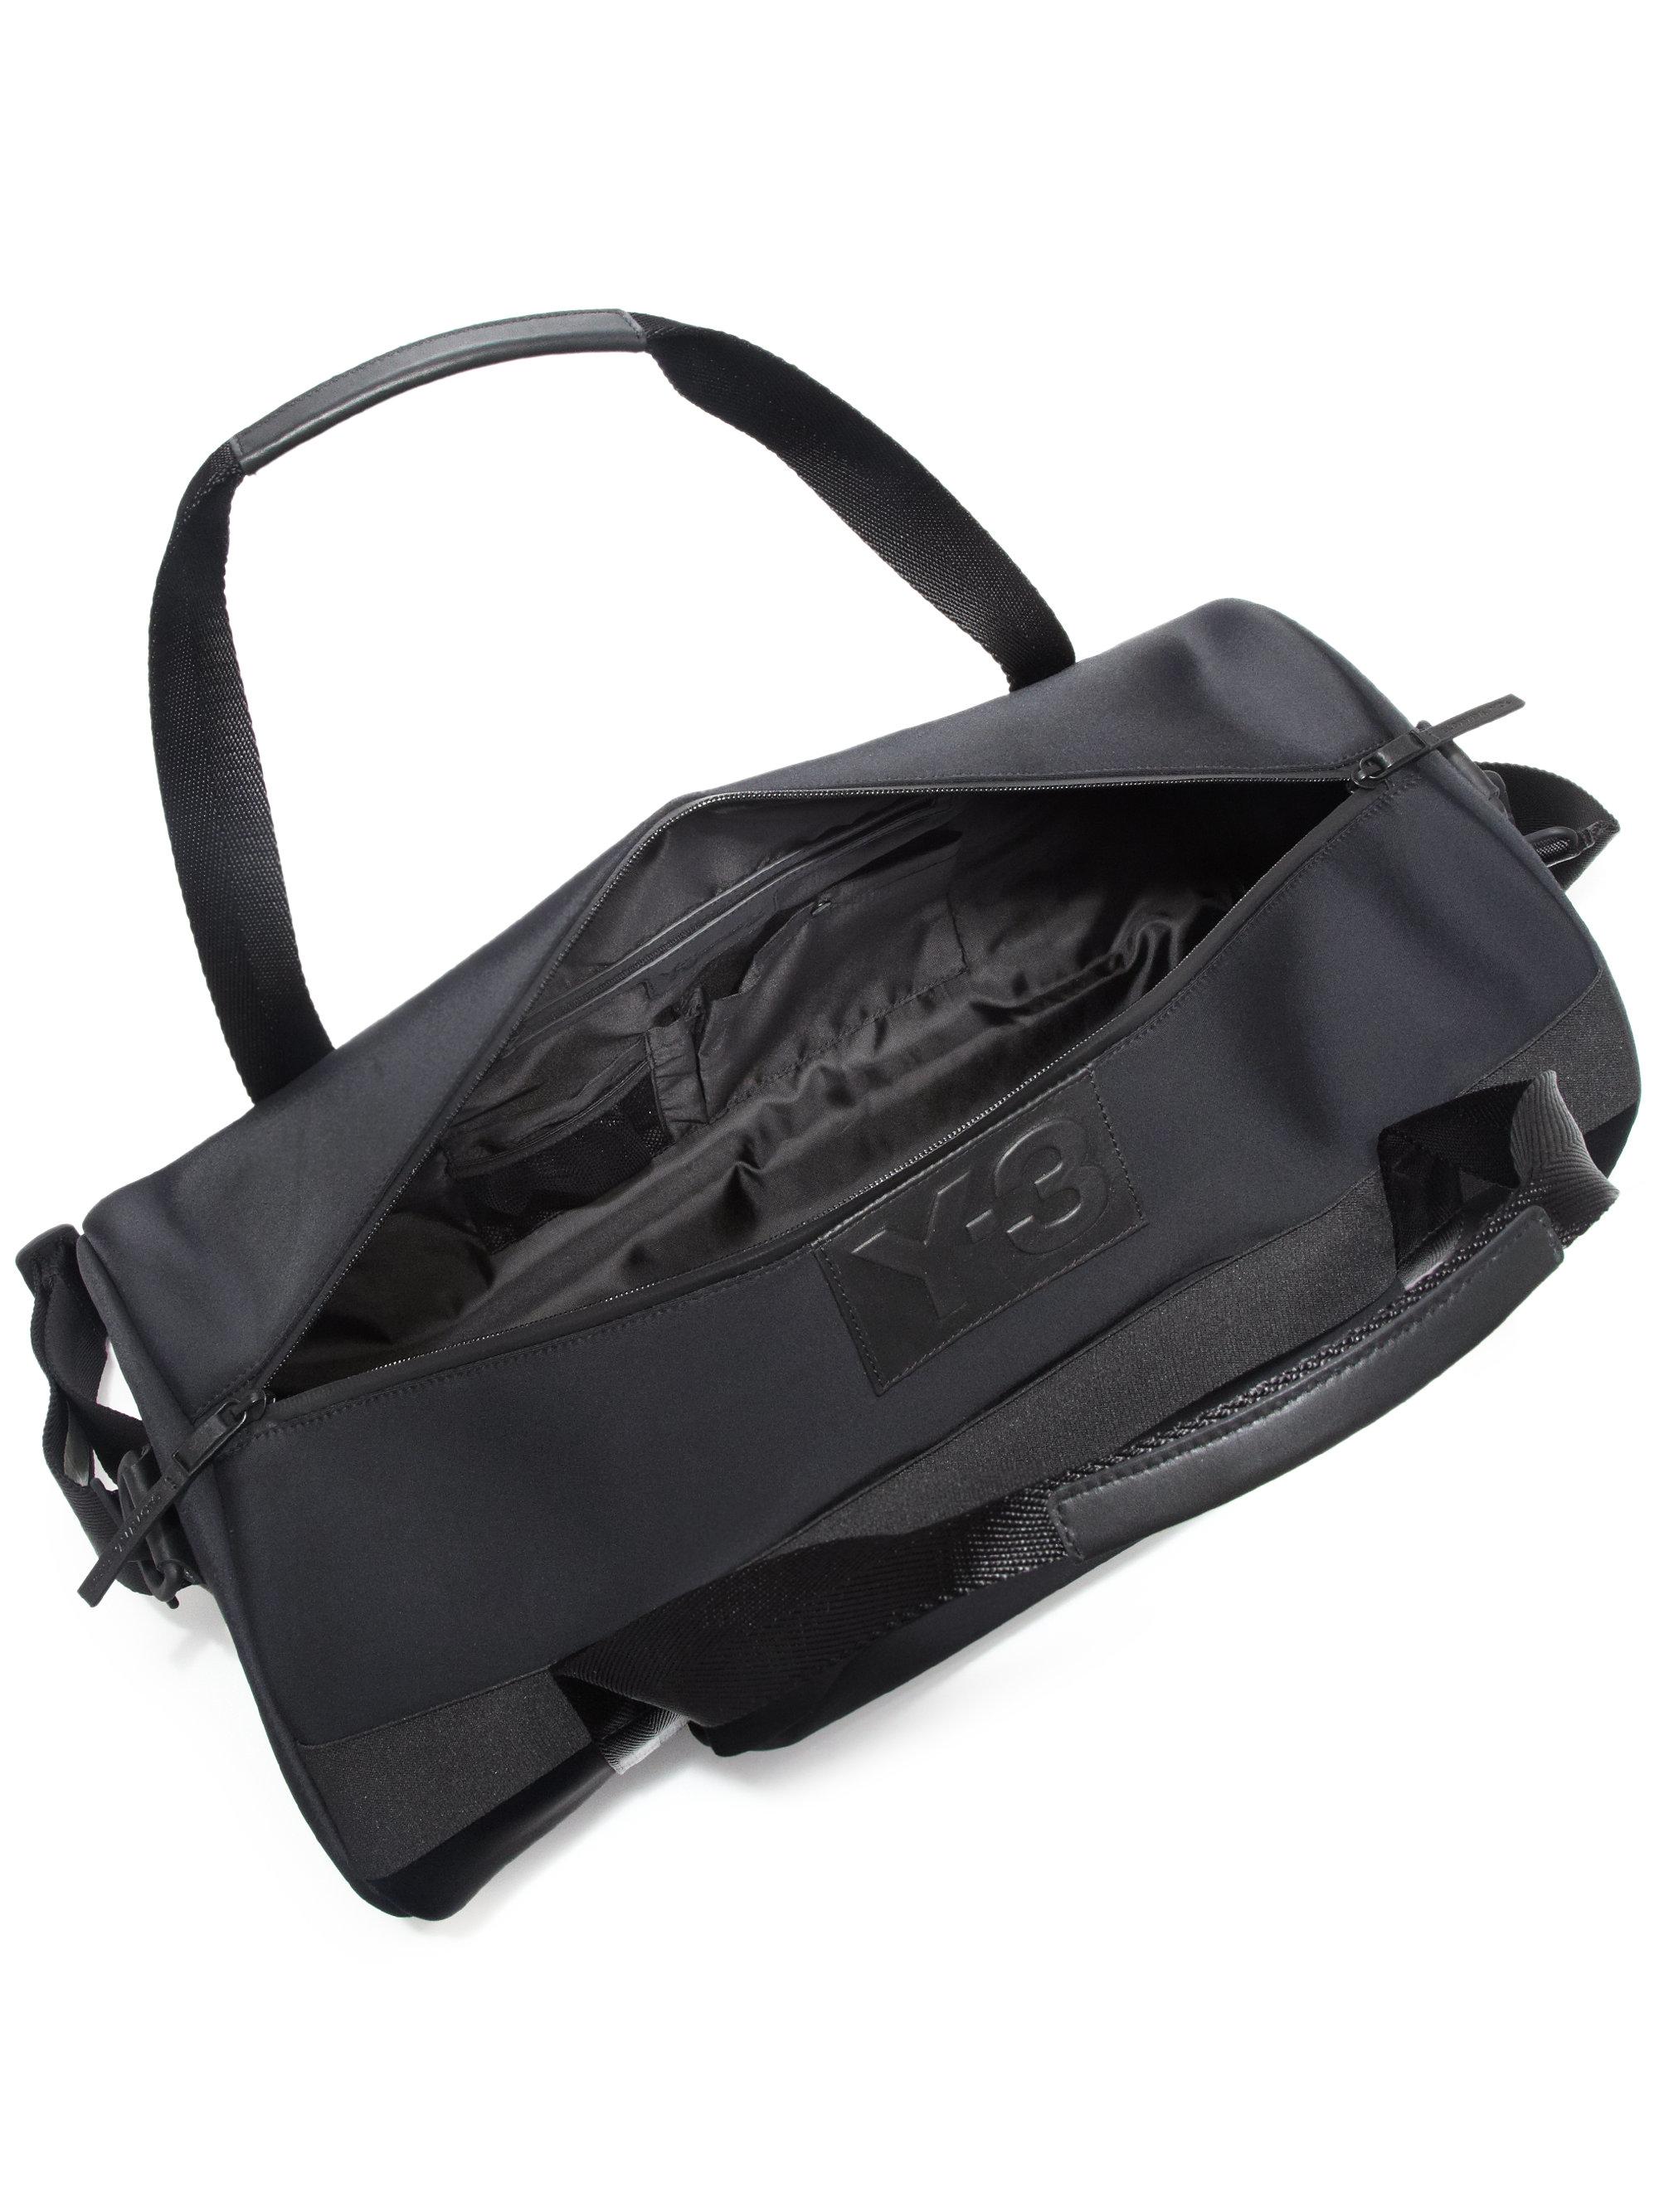 Lyst - Y-3 Day Gym Bag in Black for Men d2e4fa36659ec